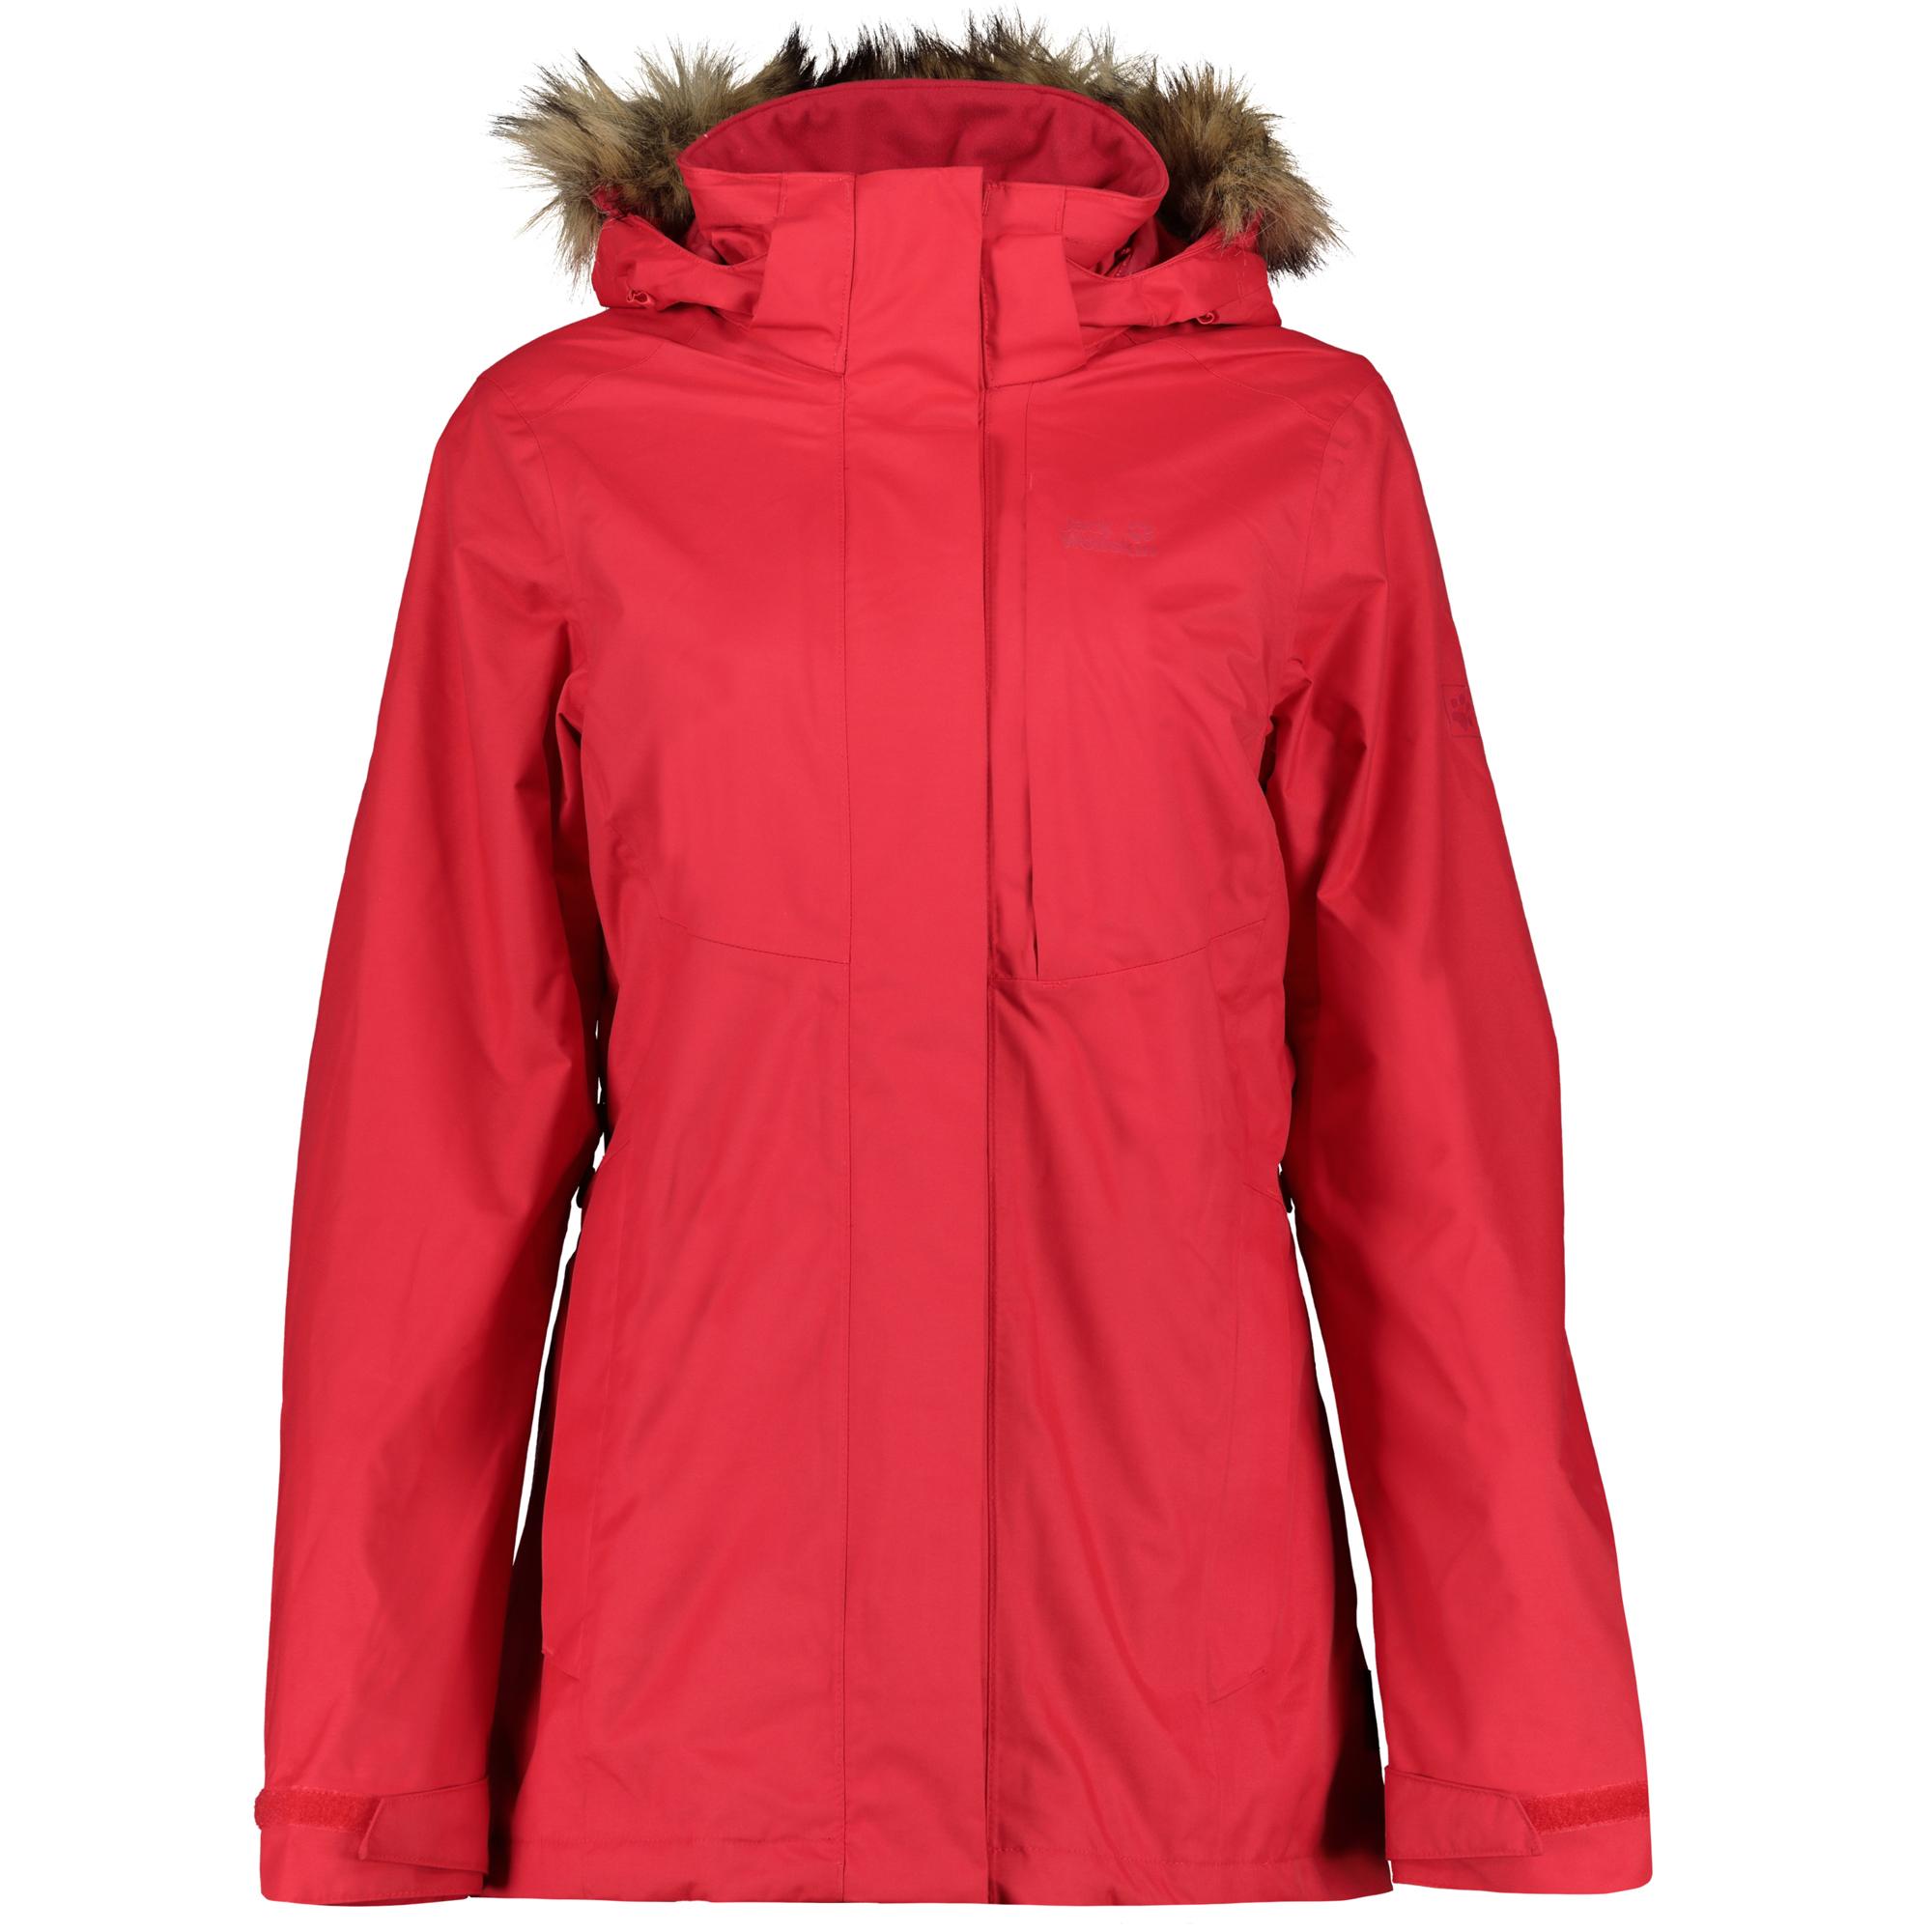 hot sale online 753c6 17210 Jack Wolfskin Damen Doppeljacke Arctic Ocean 3-in-1 true red Women Jacken &  Mäntel Doppeljacke